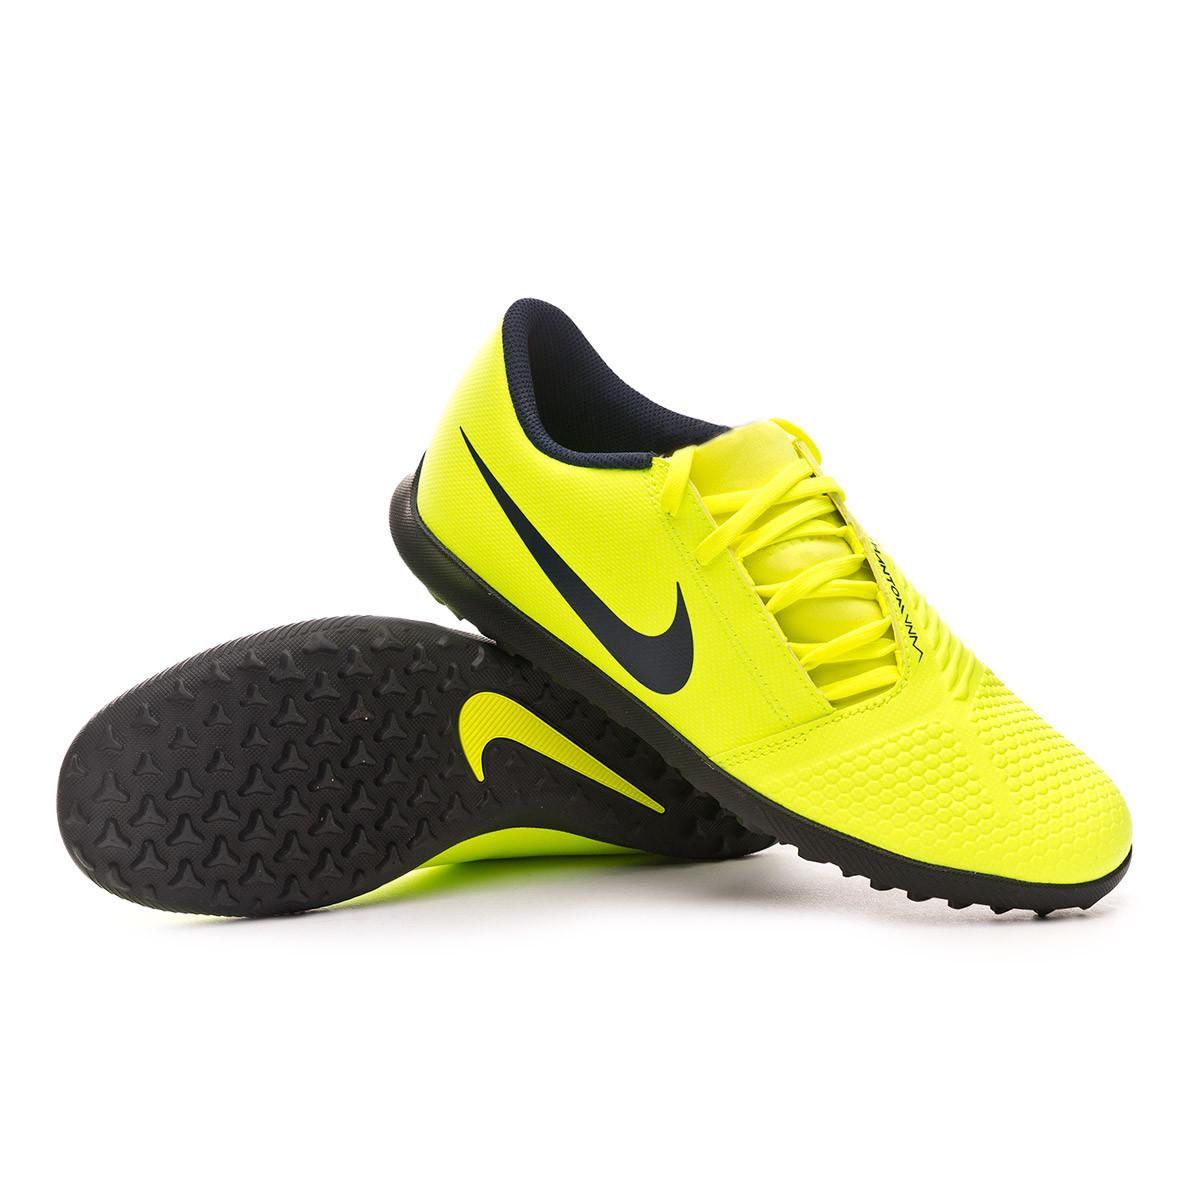 Football Boots Nike Phantom Venom Club